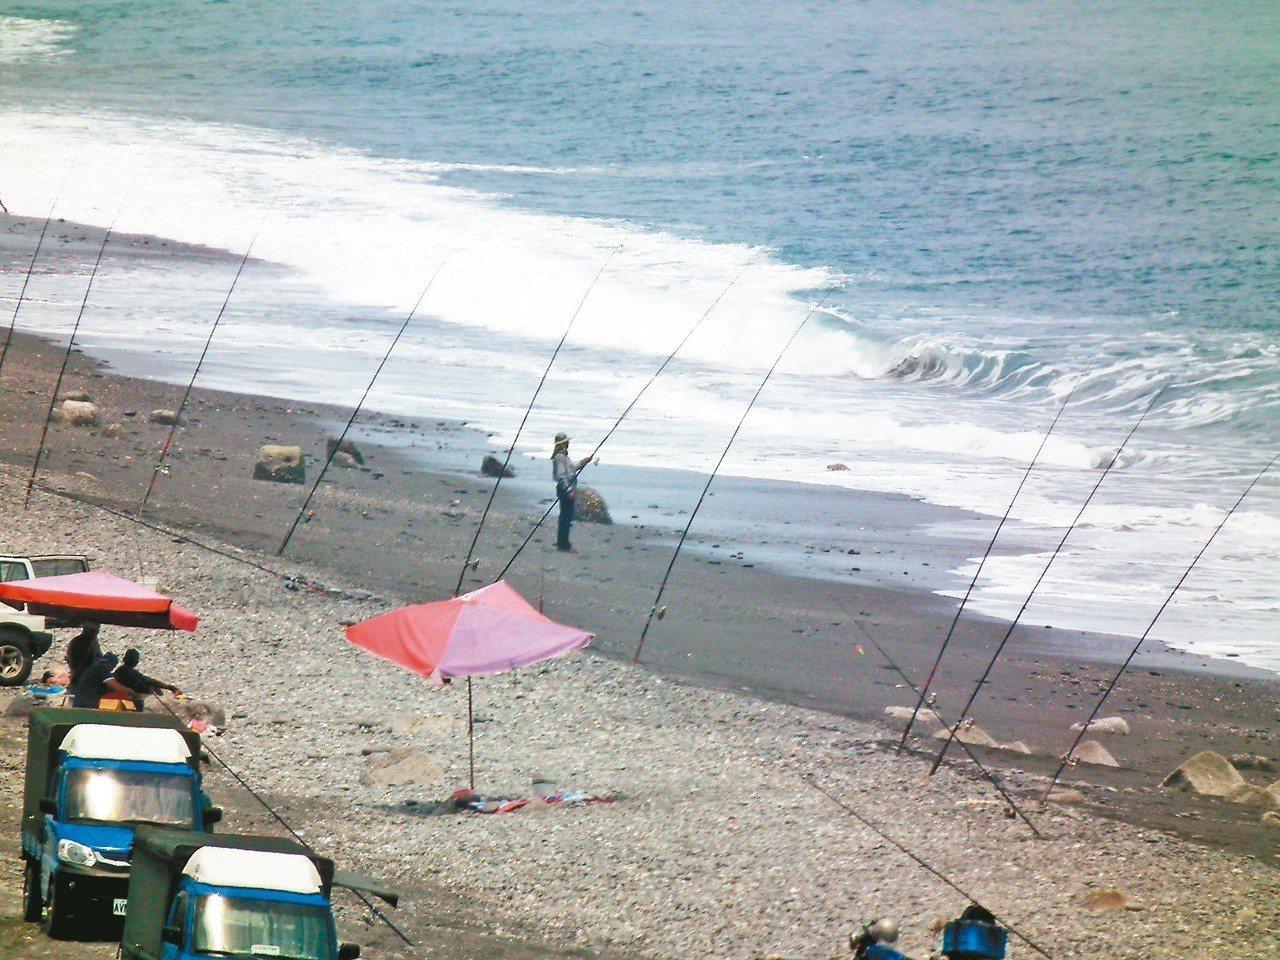 太麻里新香蘭海邊,車輛、釣竿一字排開,場景非常壯觀。 記者尤聰光/攝影